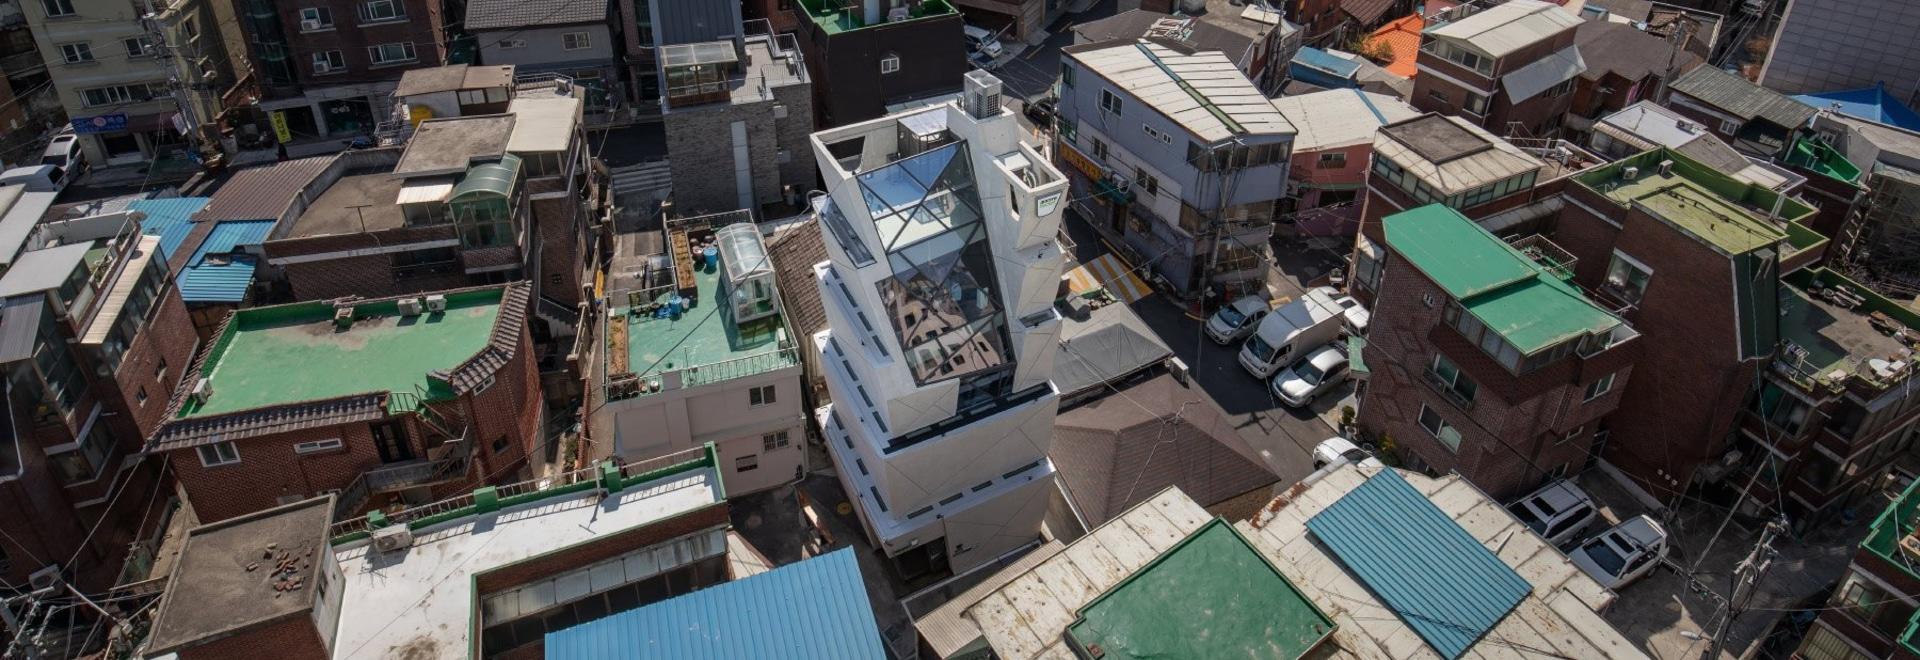 moon Hoon manipola una pila di 'secchi' per l'olio di sesamo HQ in seoul